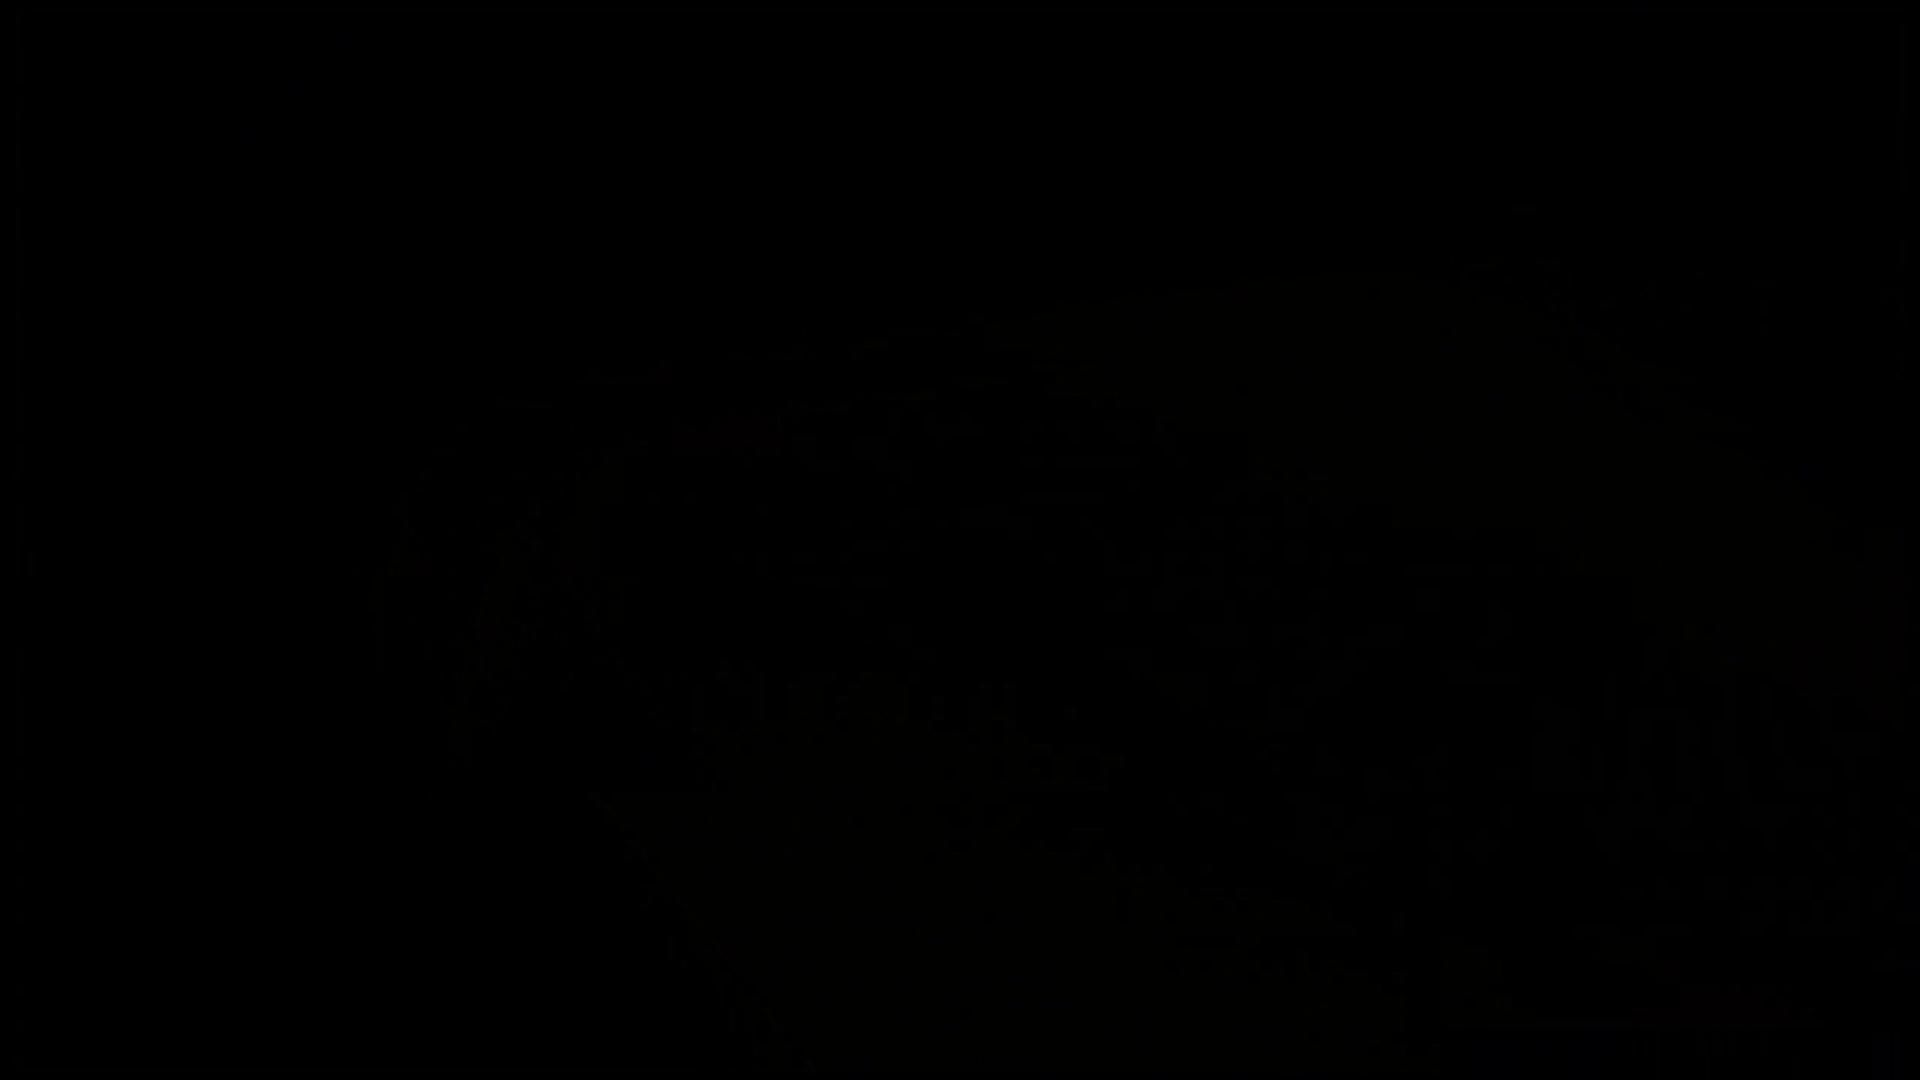 和式にまたがる女たちを待ちうけるカメラの衝撃映像vol.01 和式トイレ 性交動画流出 106pic 65